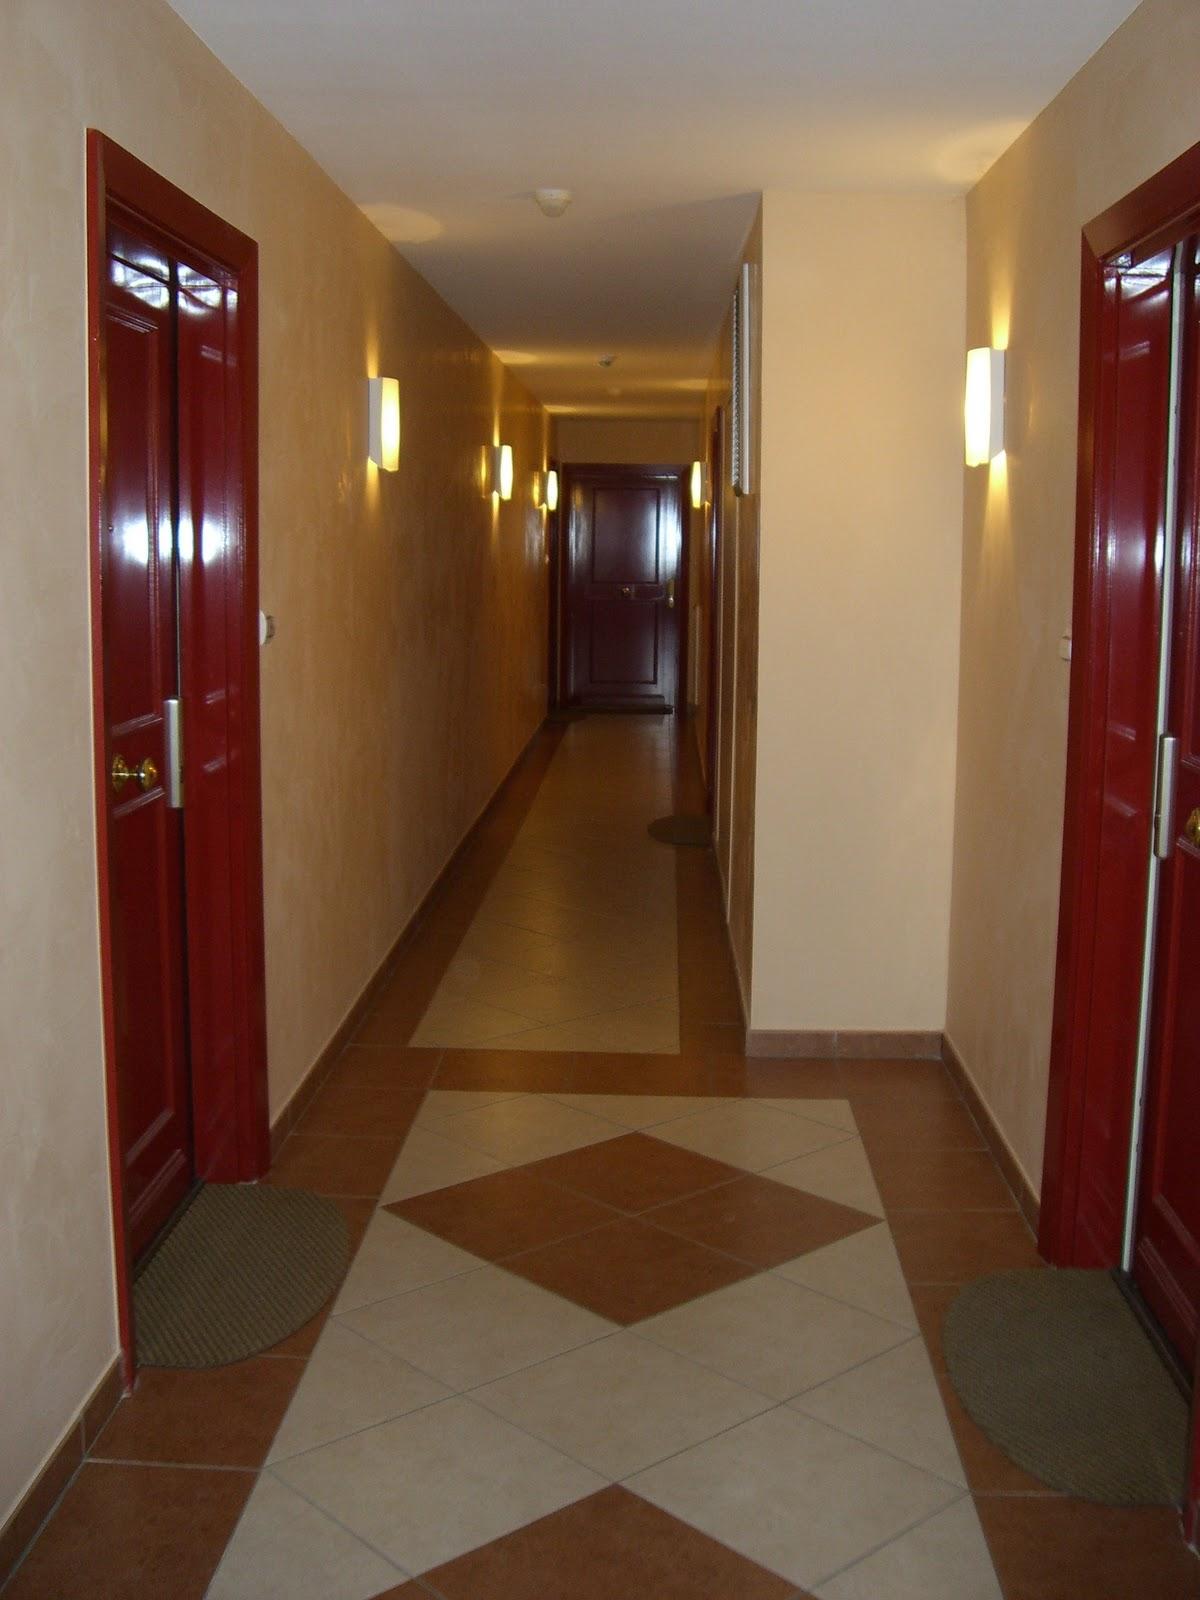 deco palier etage great dco cage escalier tableaux art with deco palier etage agrandir des. Black Bedroom Furniture Sets. Home Design Ideas